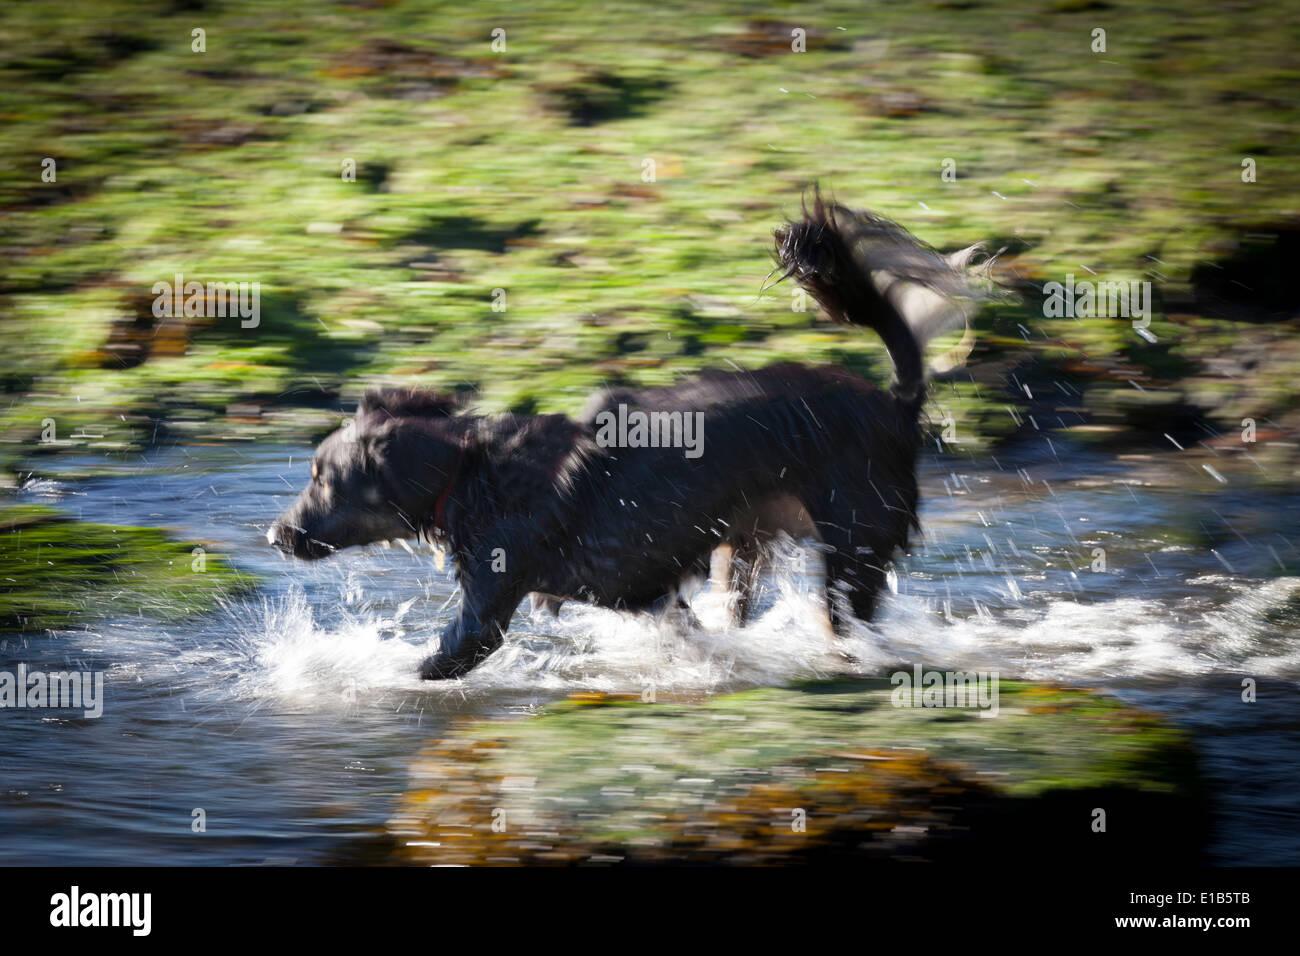 Wet collie type dog running through water having fun. - Stock Image